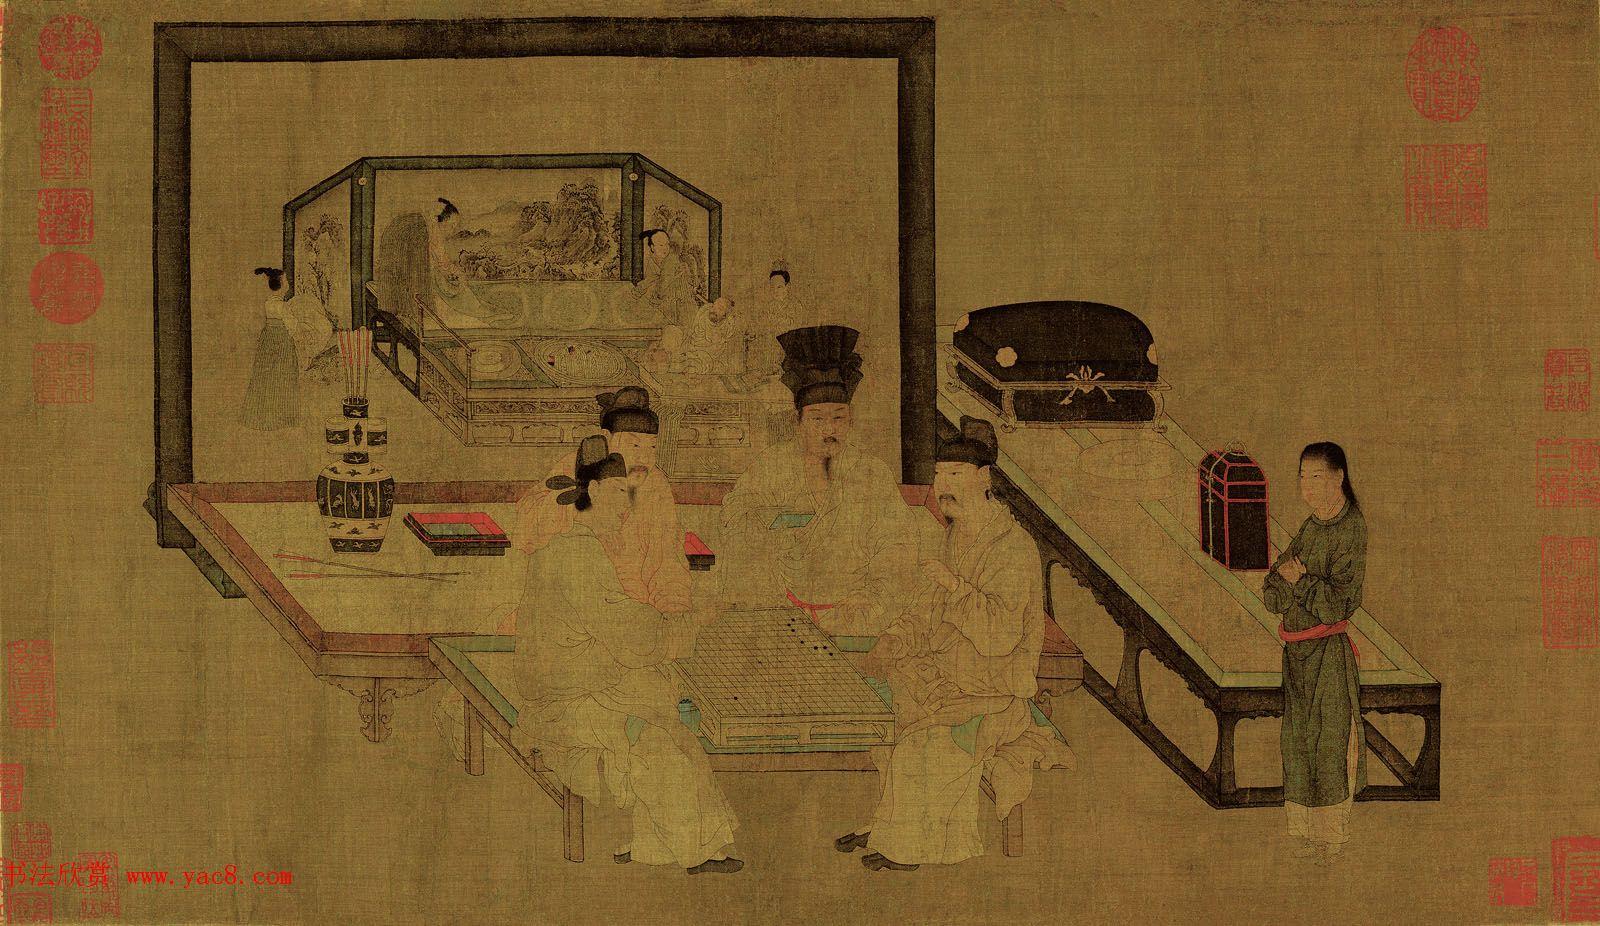 五代南唐画家周文矩 重屏会棋图 两种